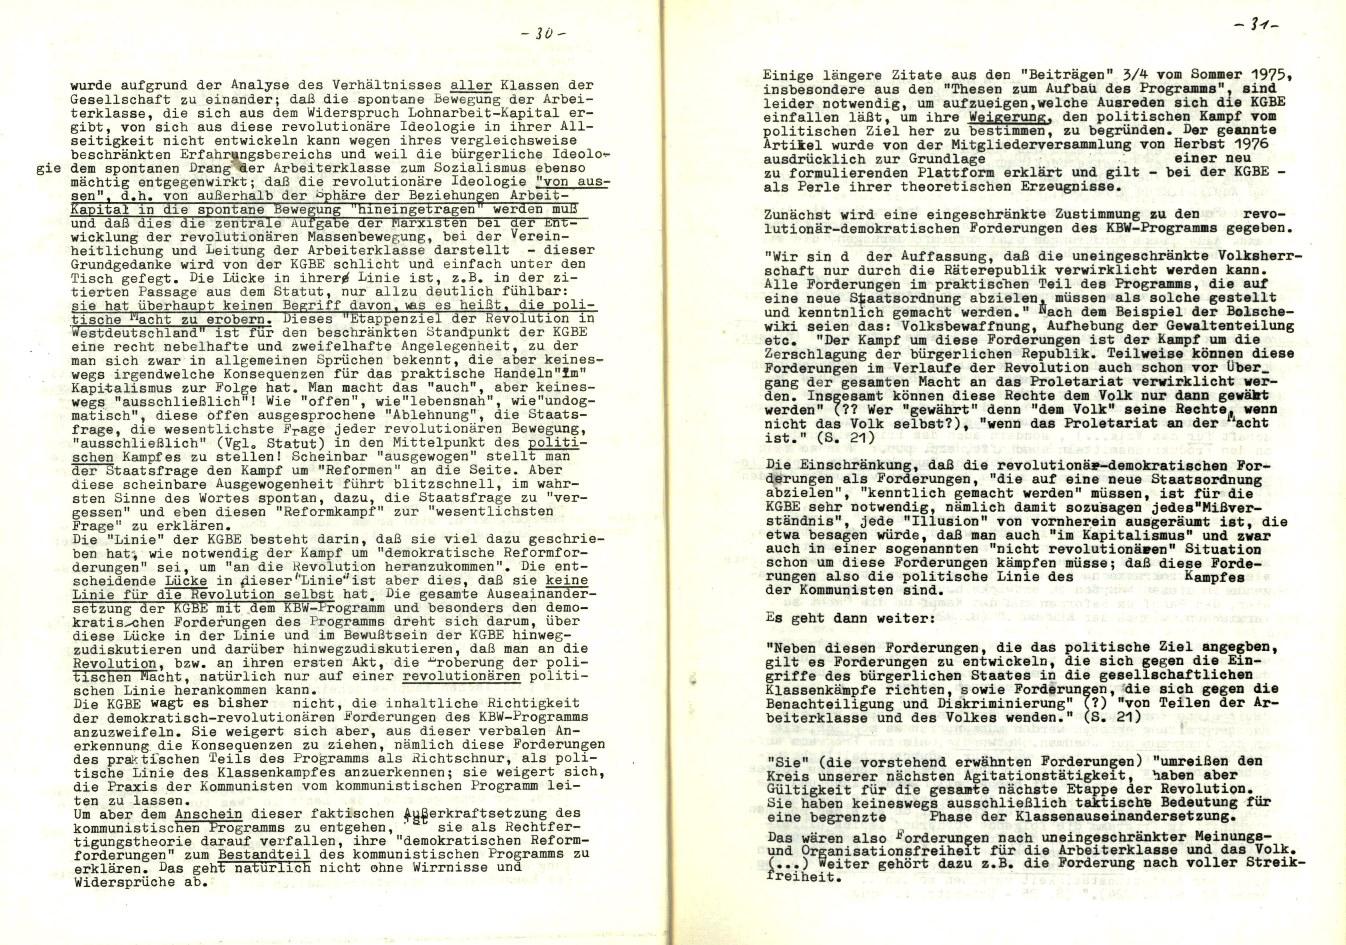 KGBE_Ehemalige_1977_Kritik_an_der_KGBE_19